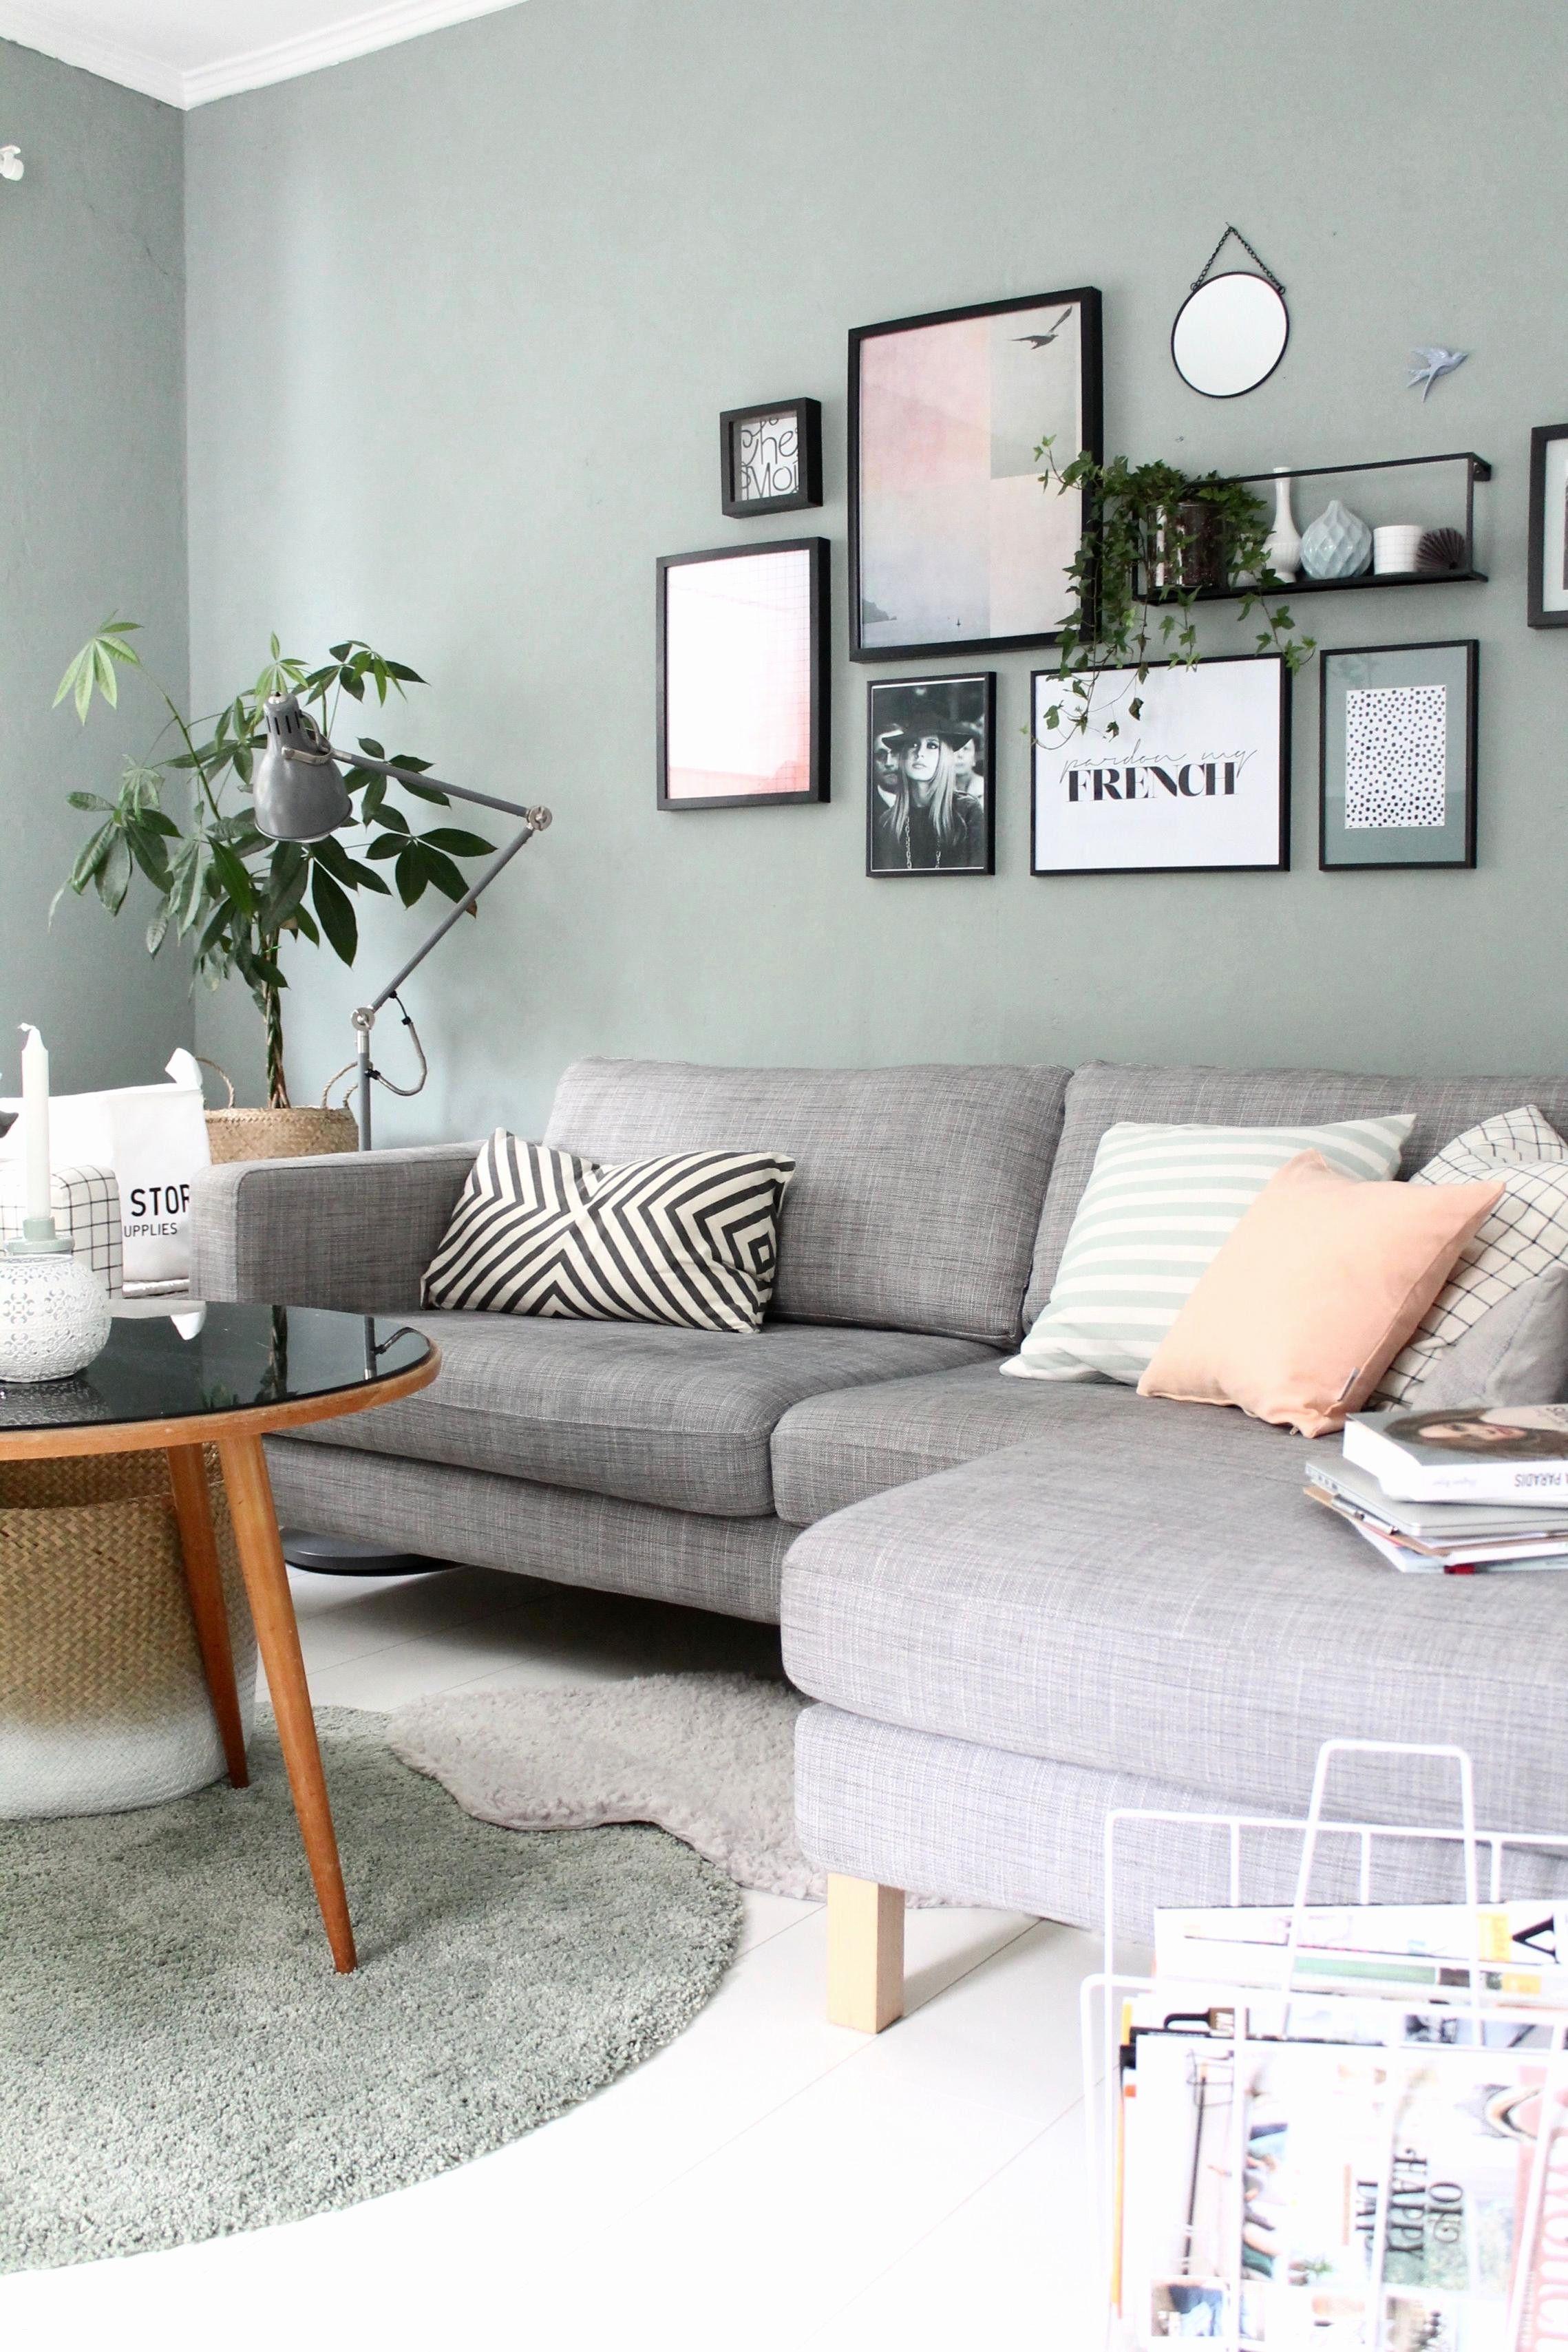 10 Günstig Lager Von Ideen Zum Streichen Wohnzimmer in 10